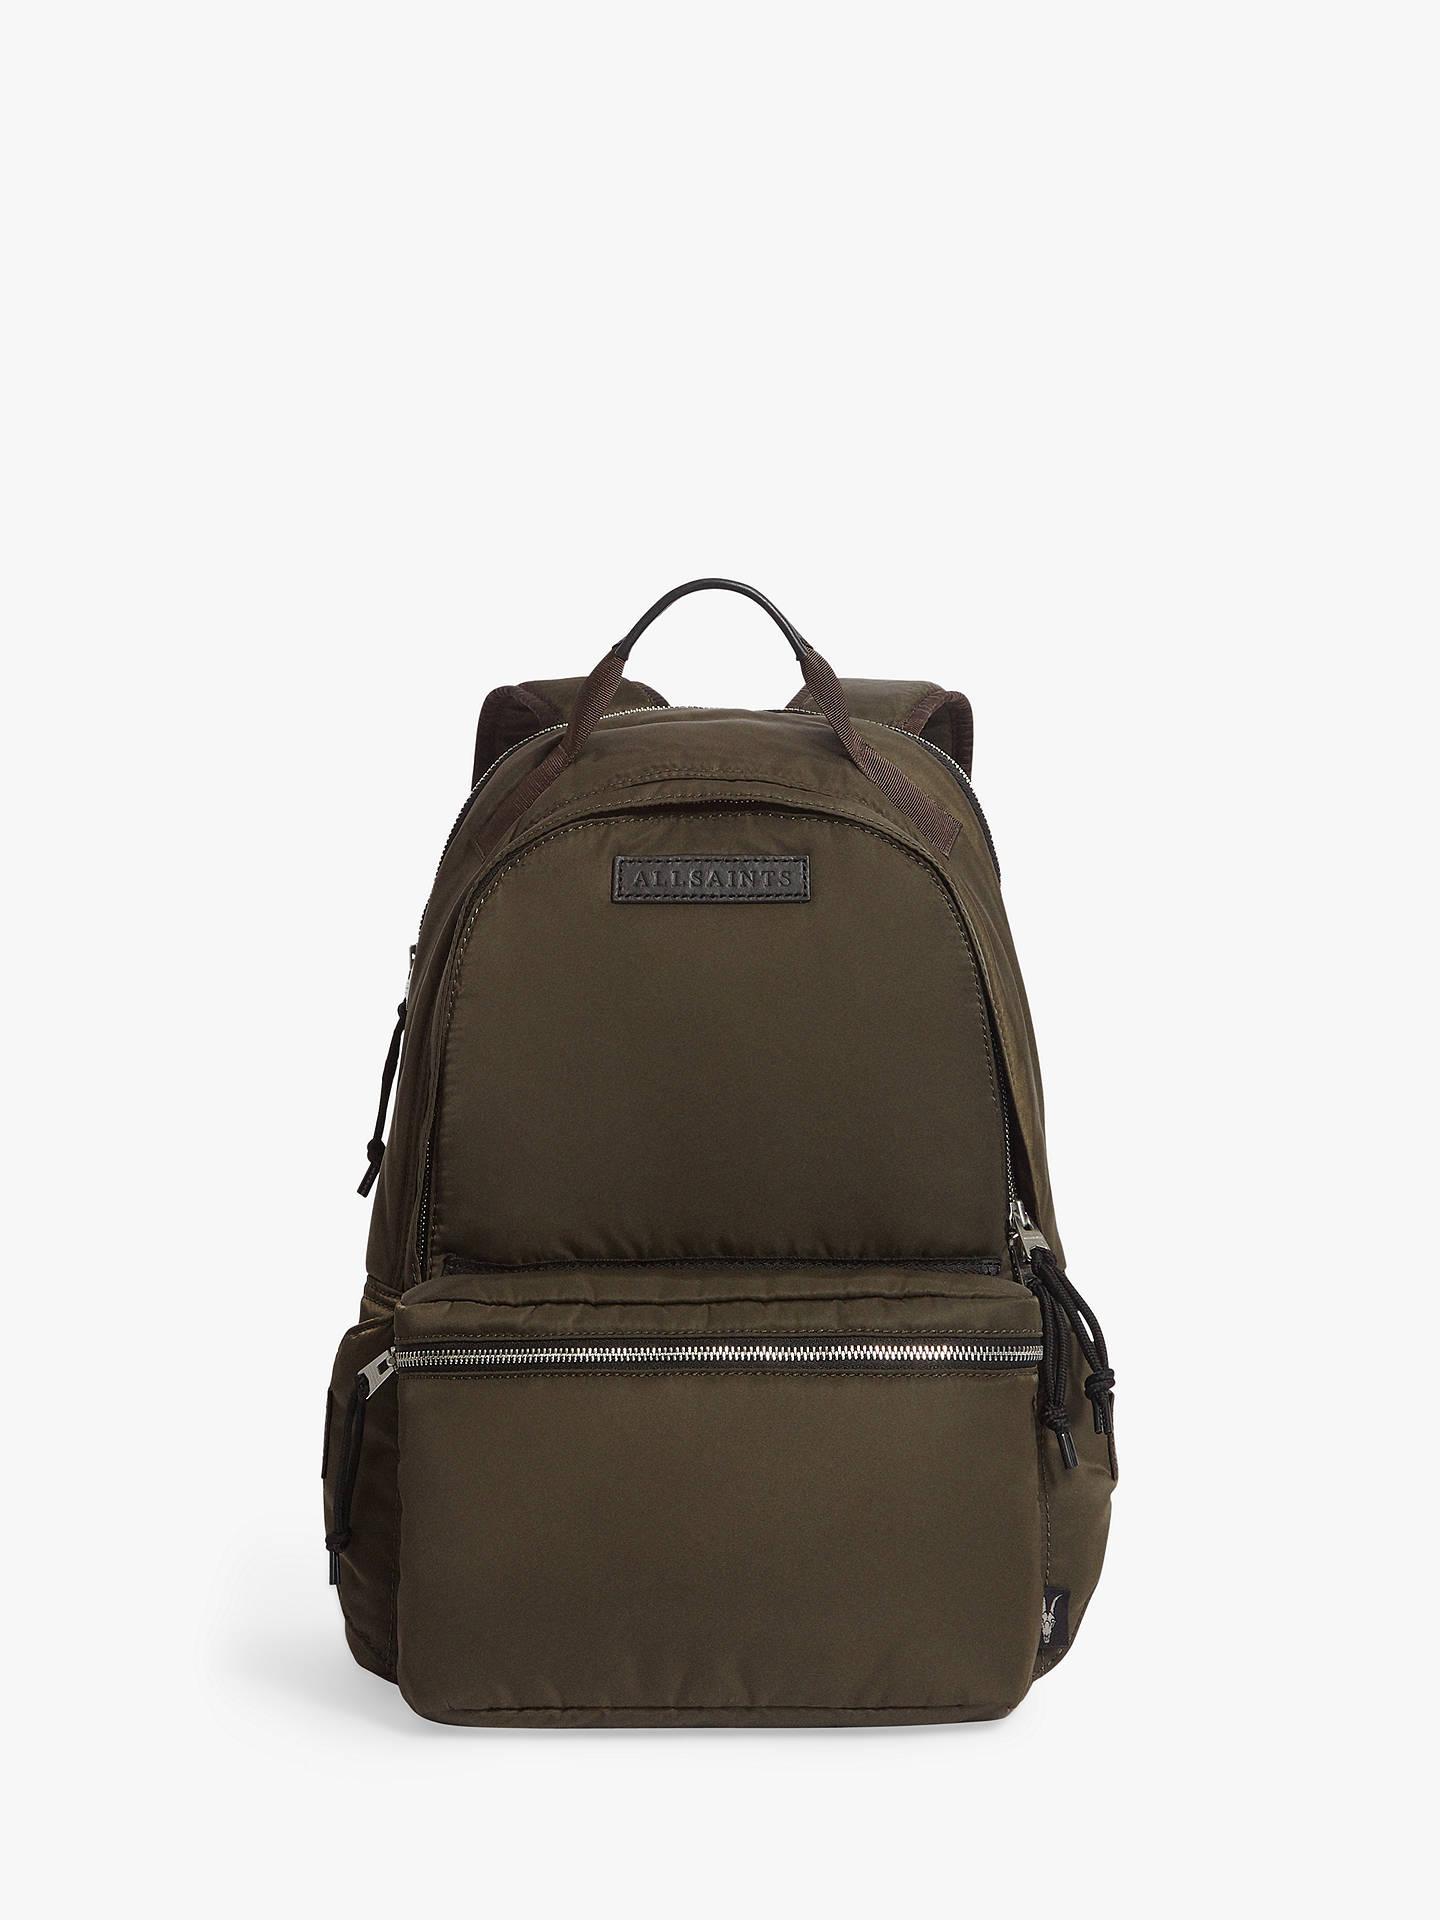 e00959e51 Buy AllSaints Kansai 2 in 1 Backpack, Dark Khaki Brown Online at  johnlewis.com ...